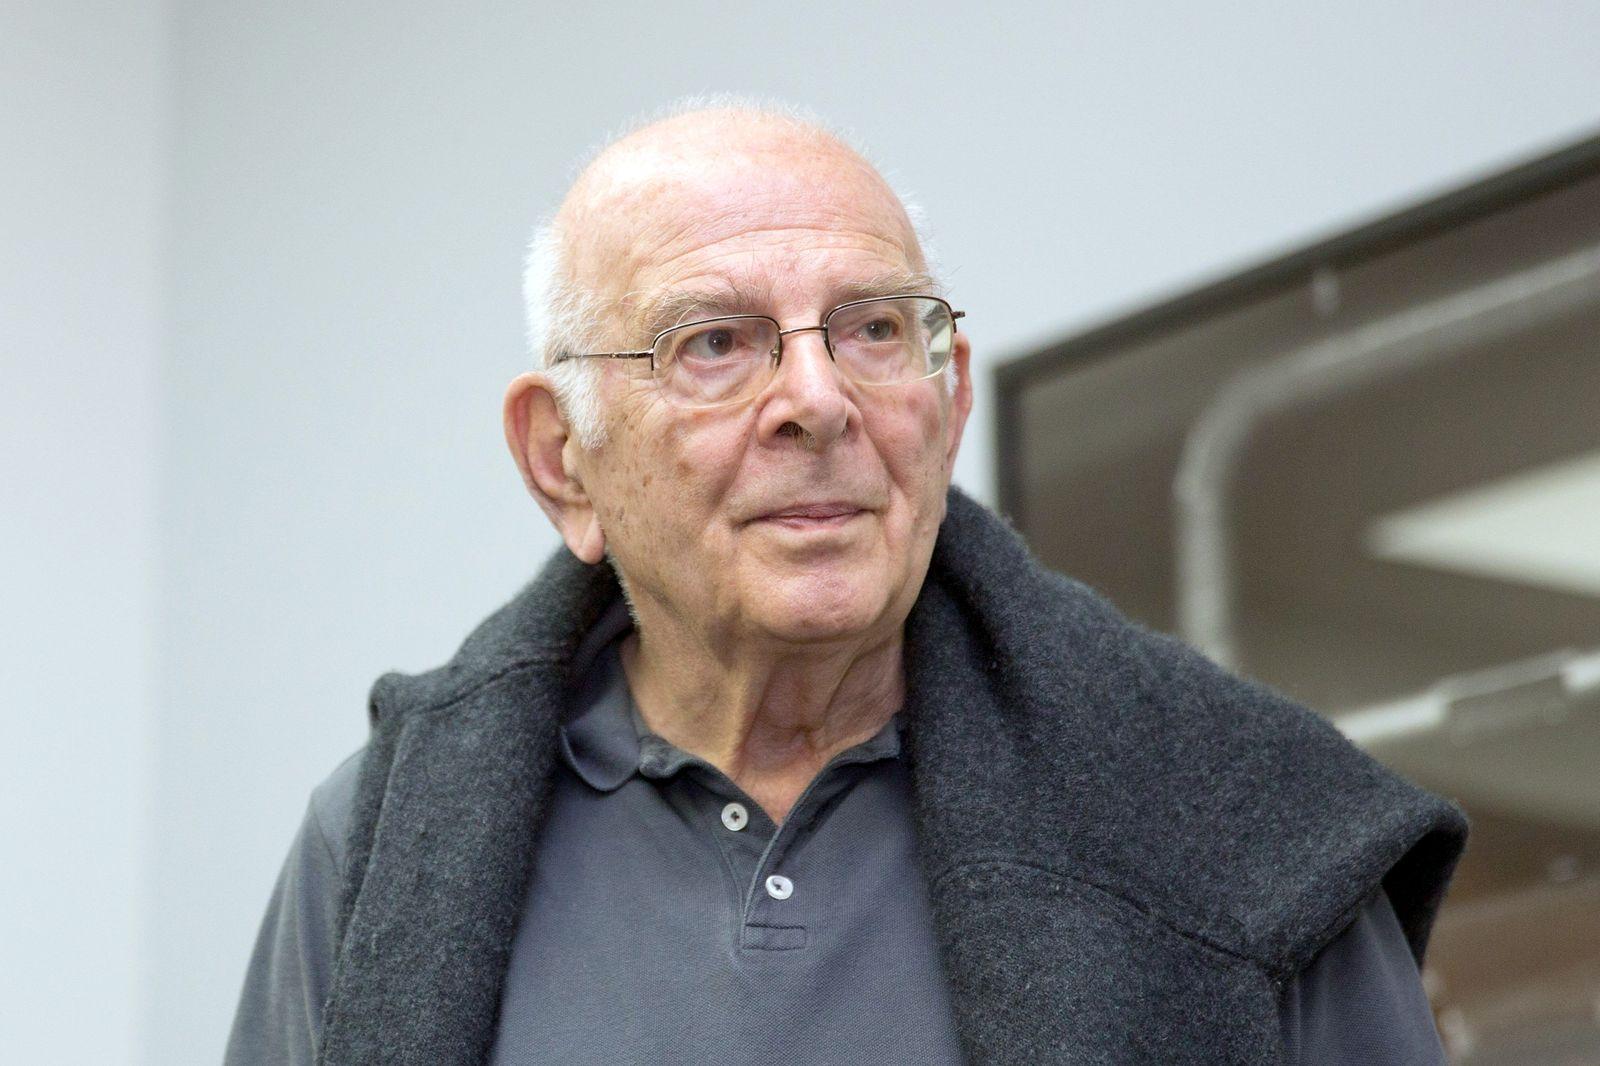 Starfotograf Frank Horvat gestorben